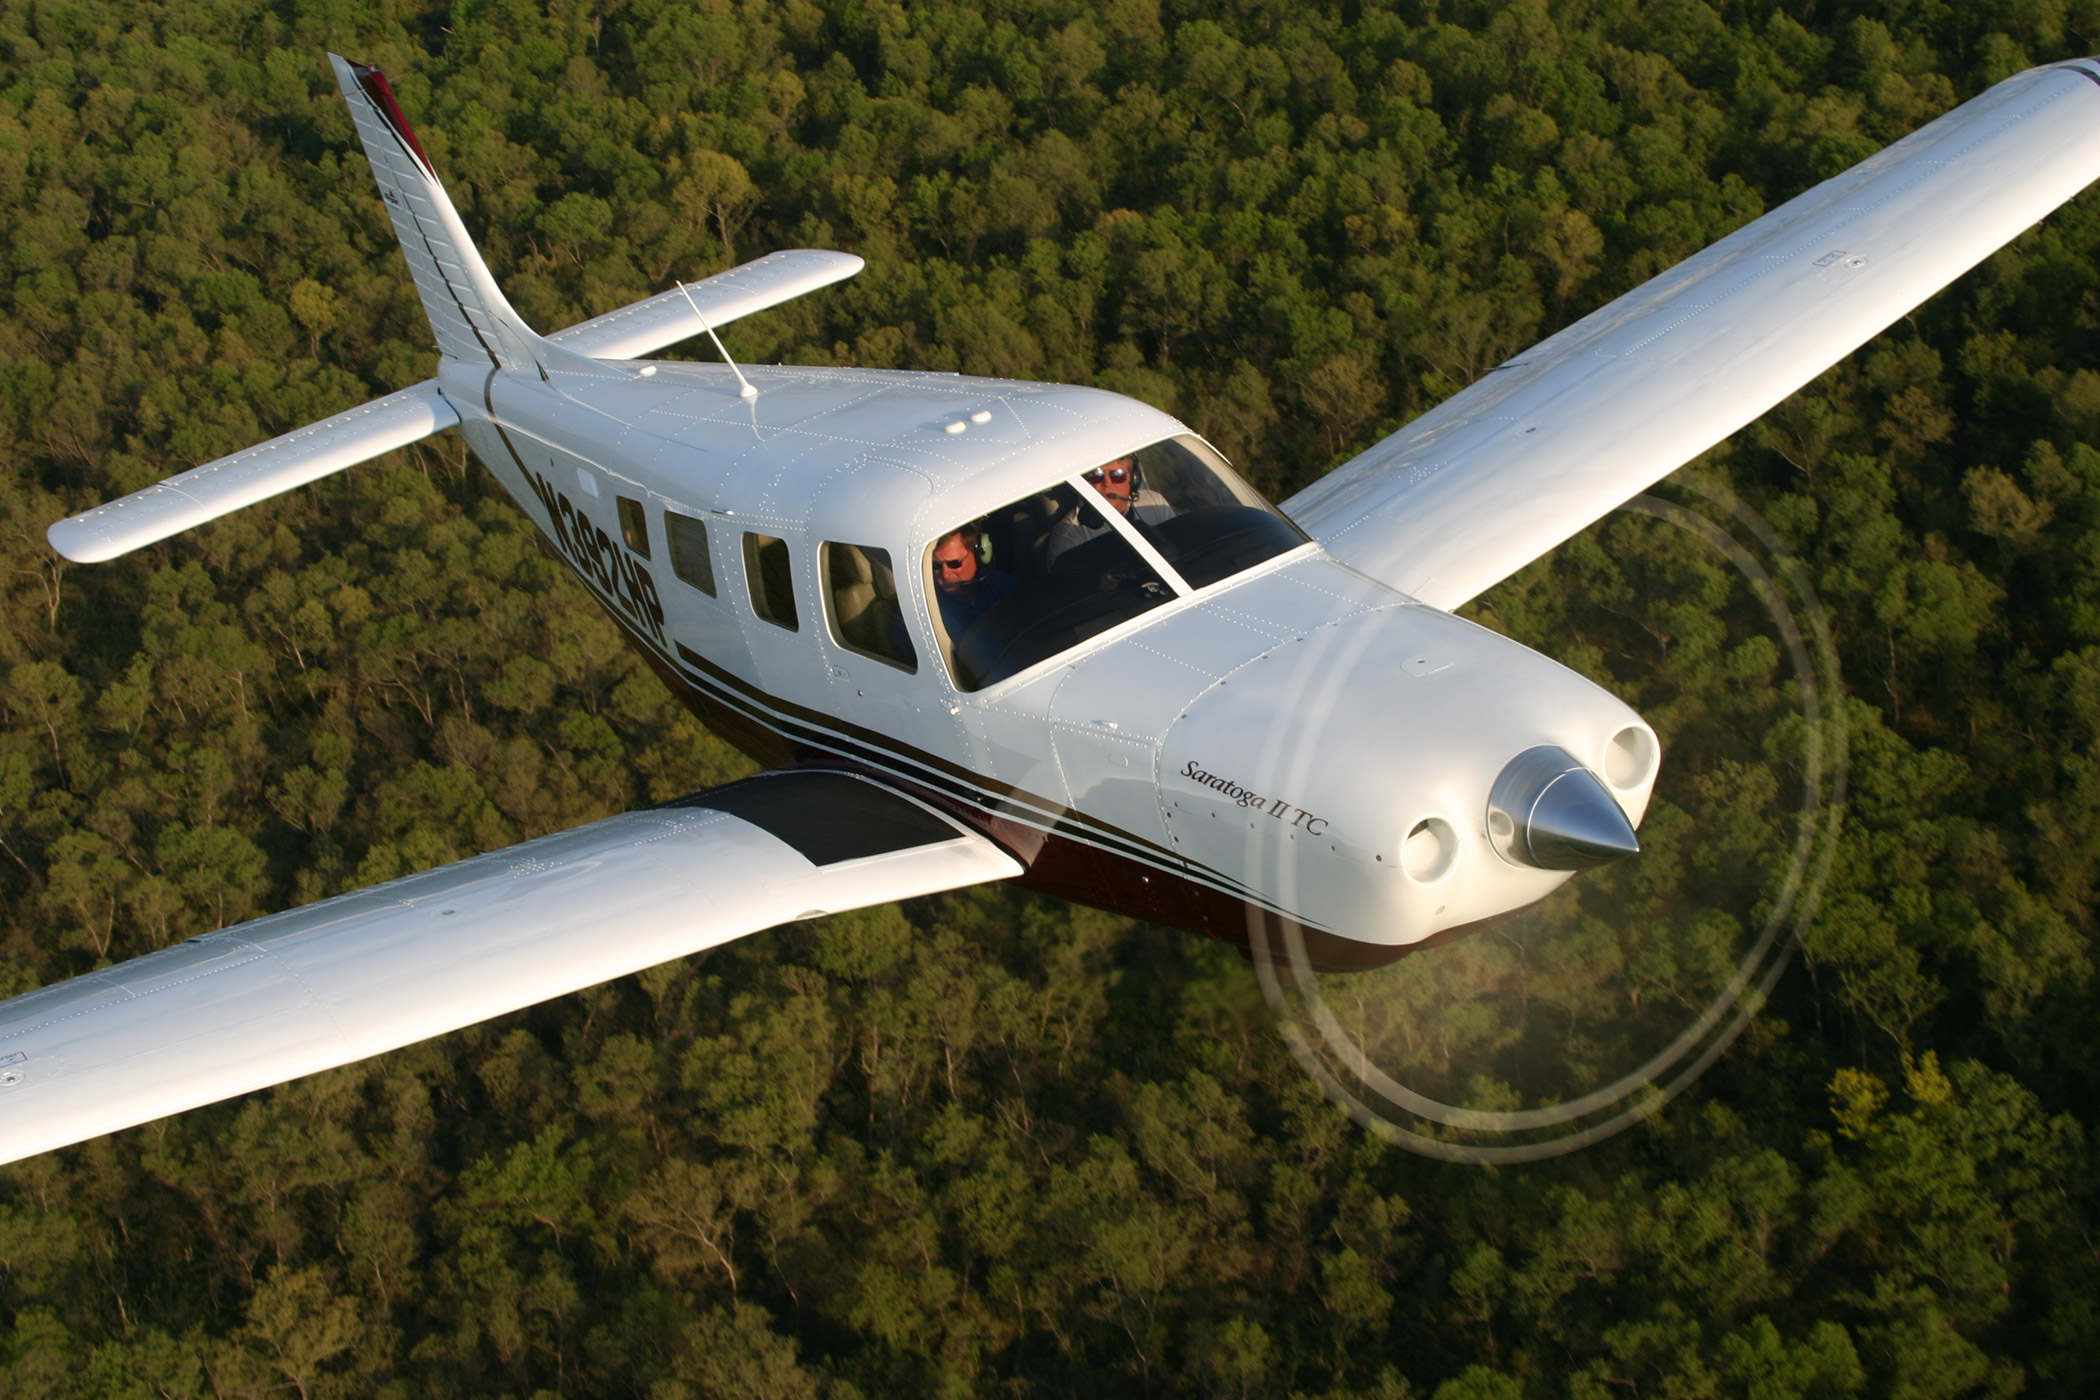 piper pa-32-260 service manual